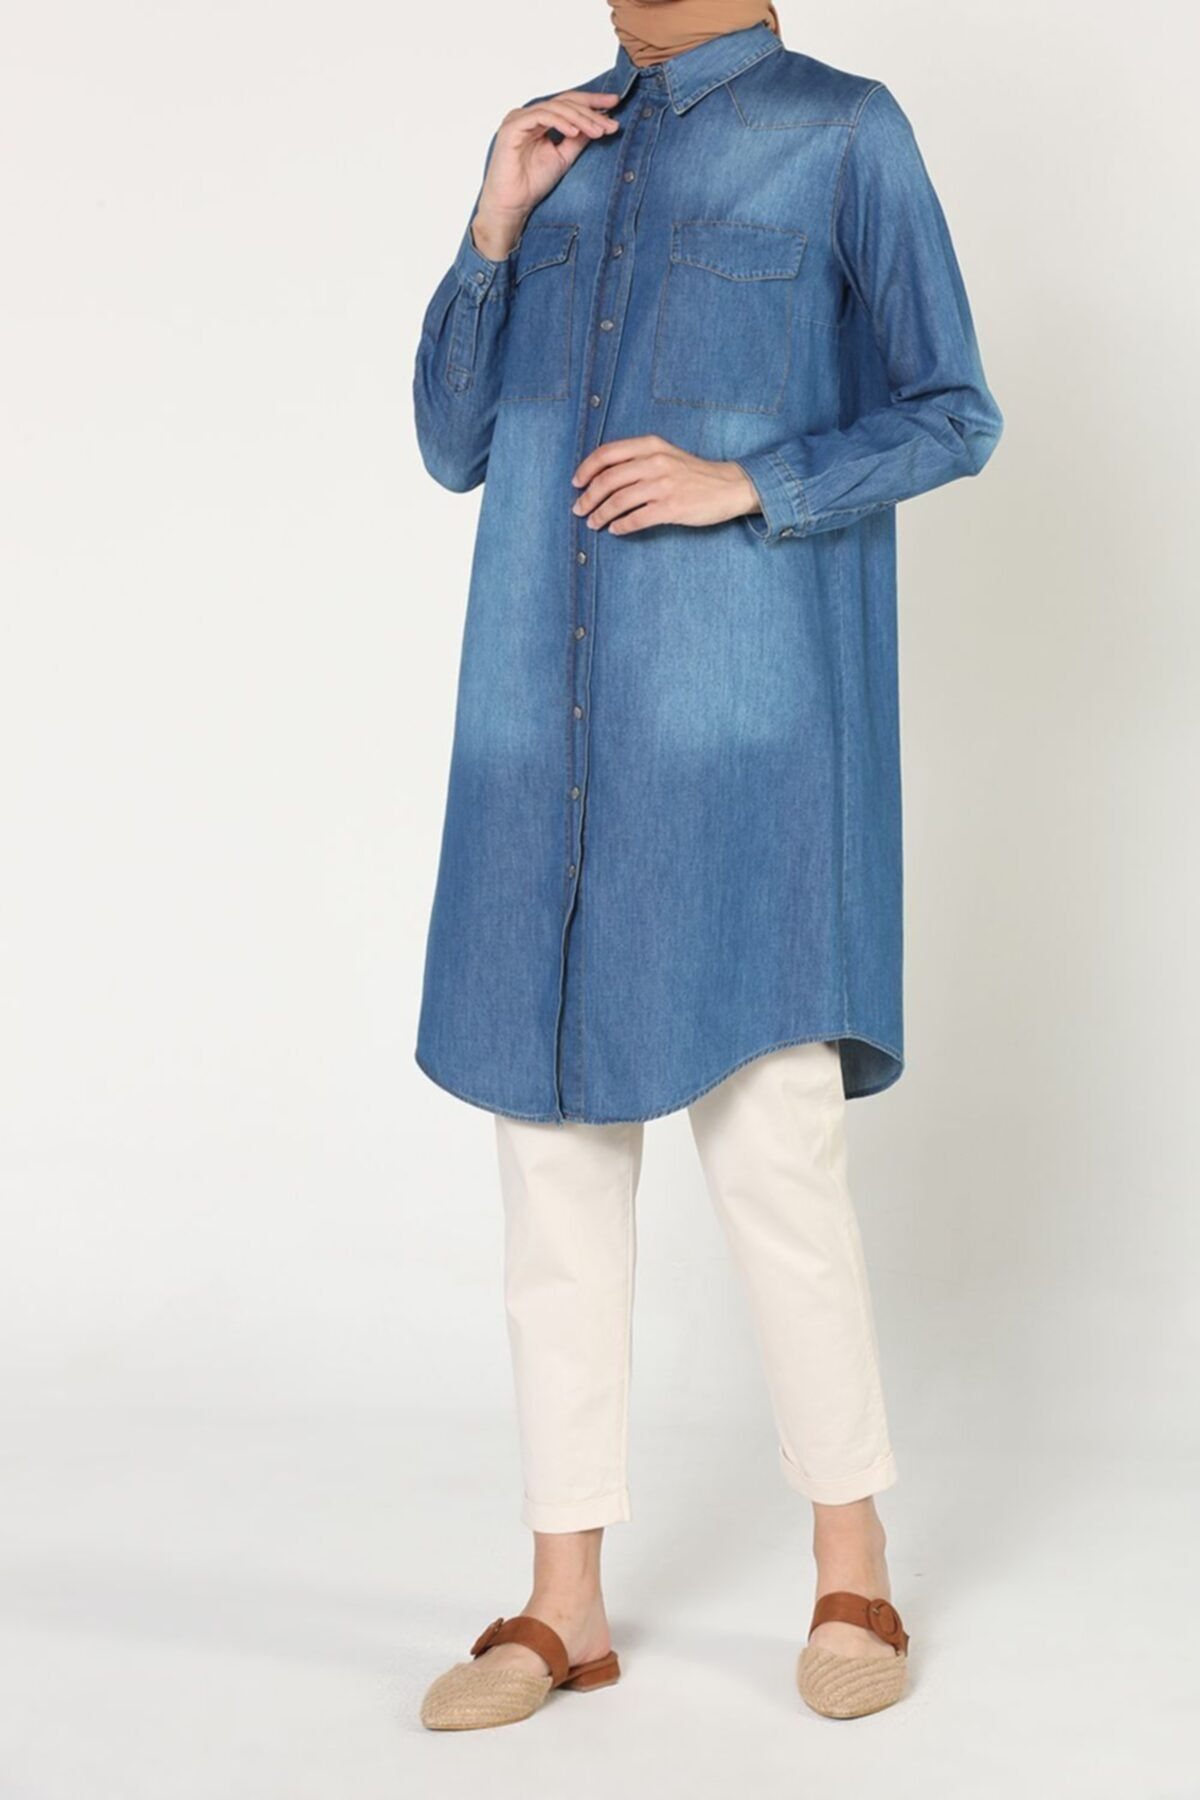 Mavi Cepli Çıtçıtlı Pamuklu Denim Gömlek Tunik